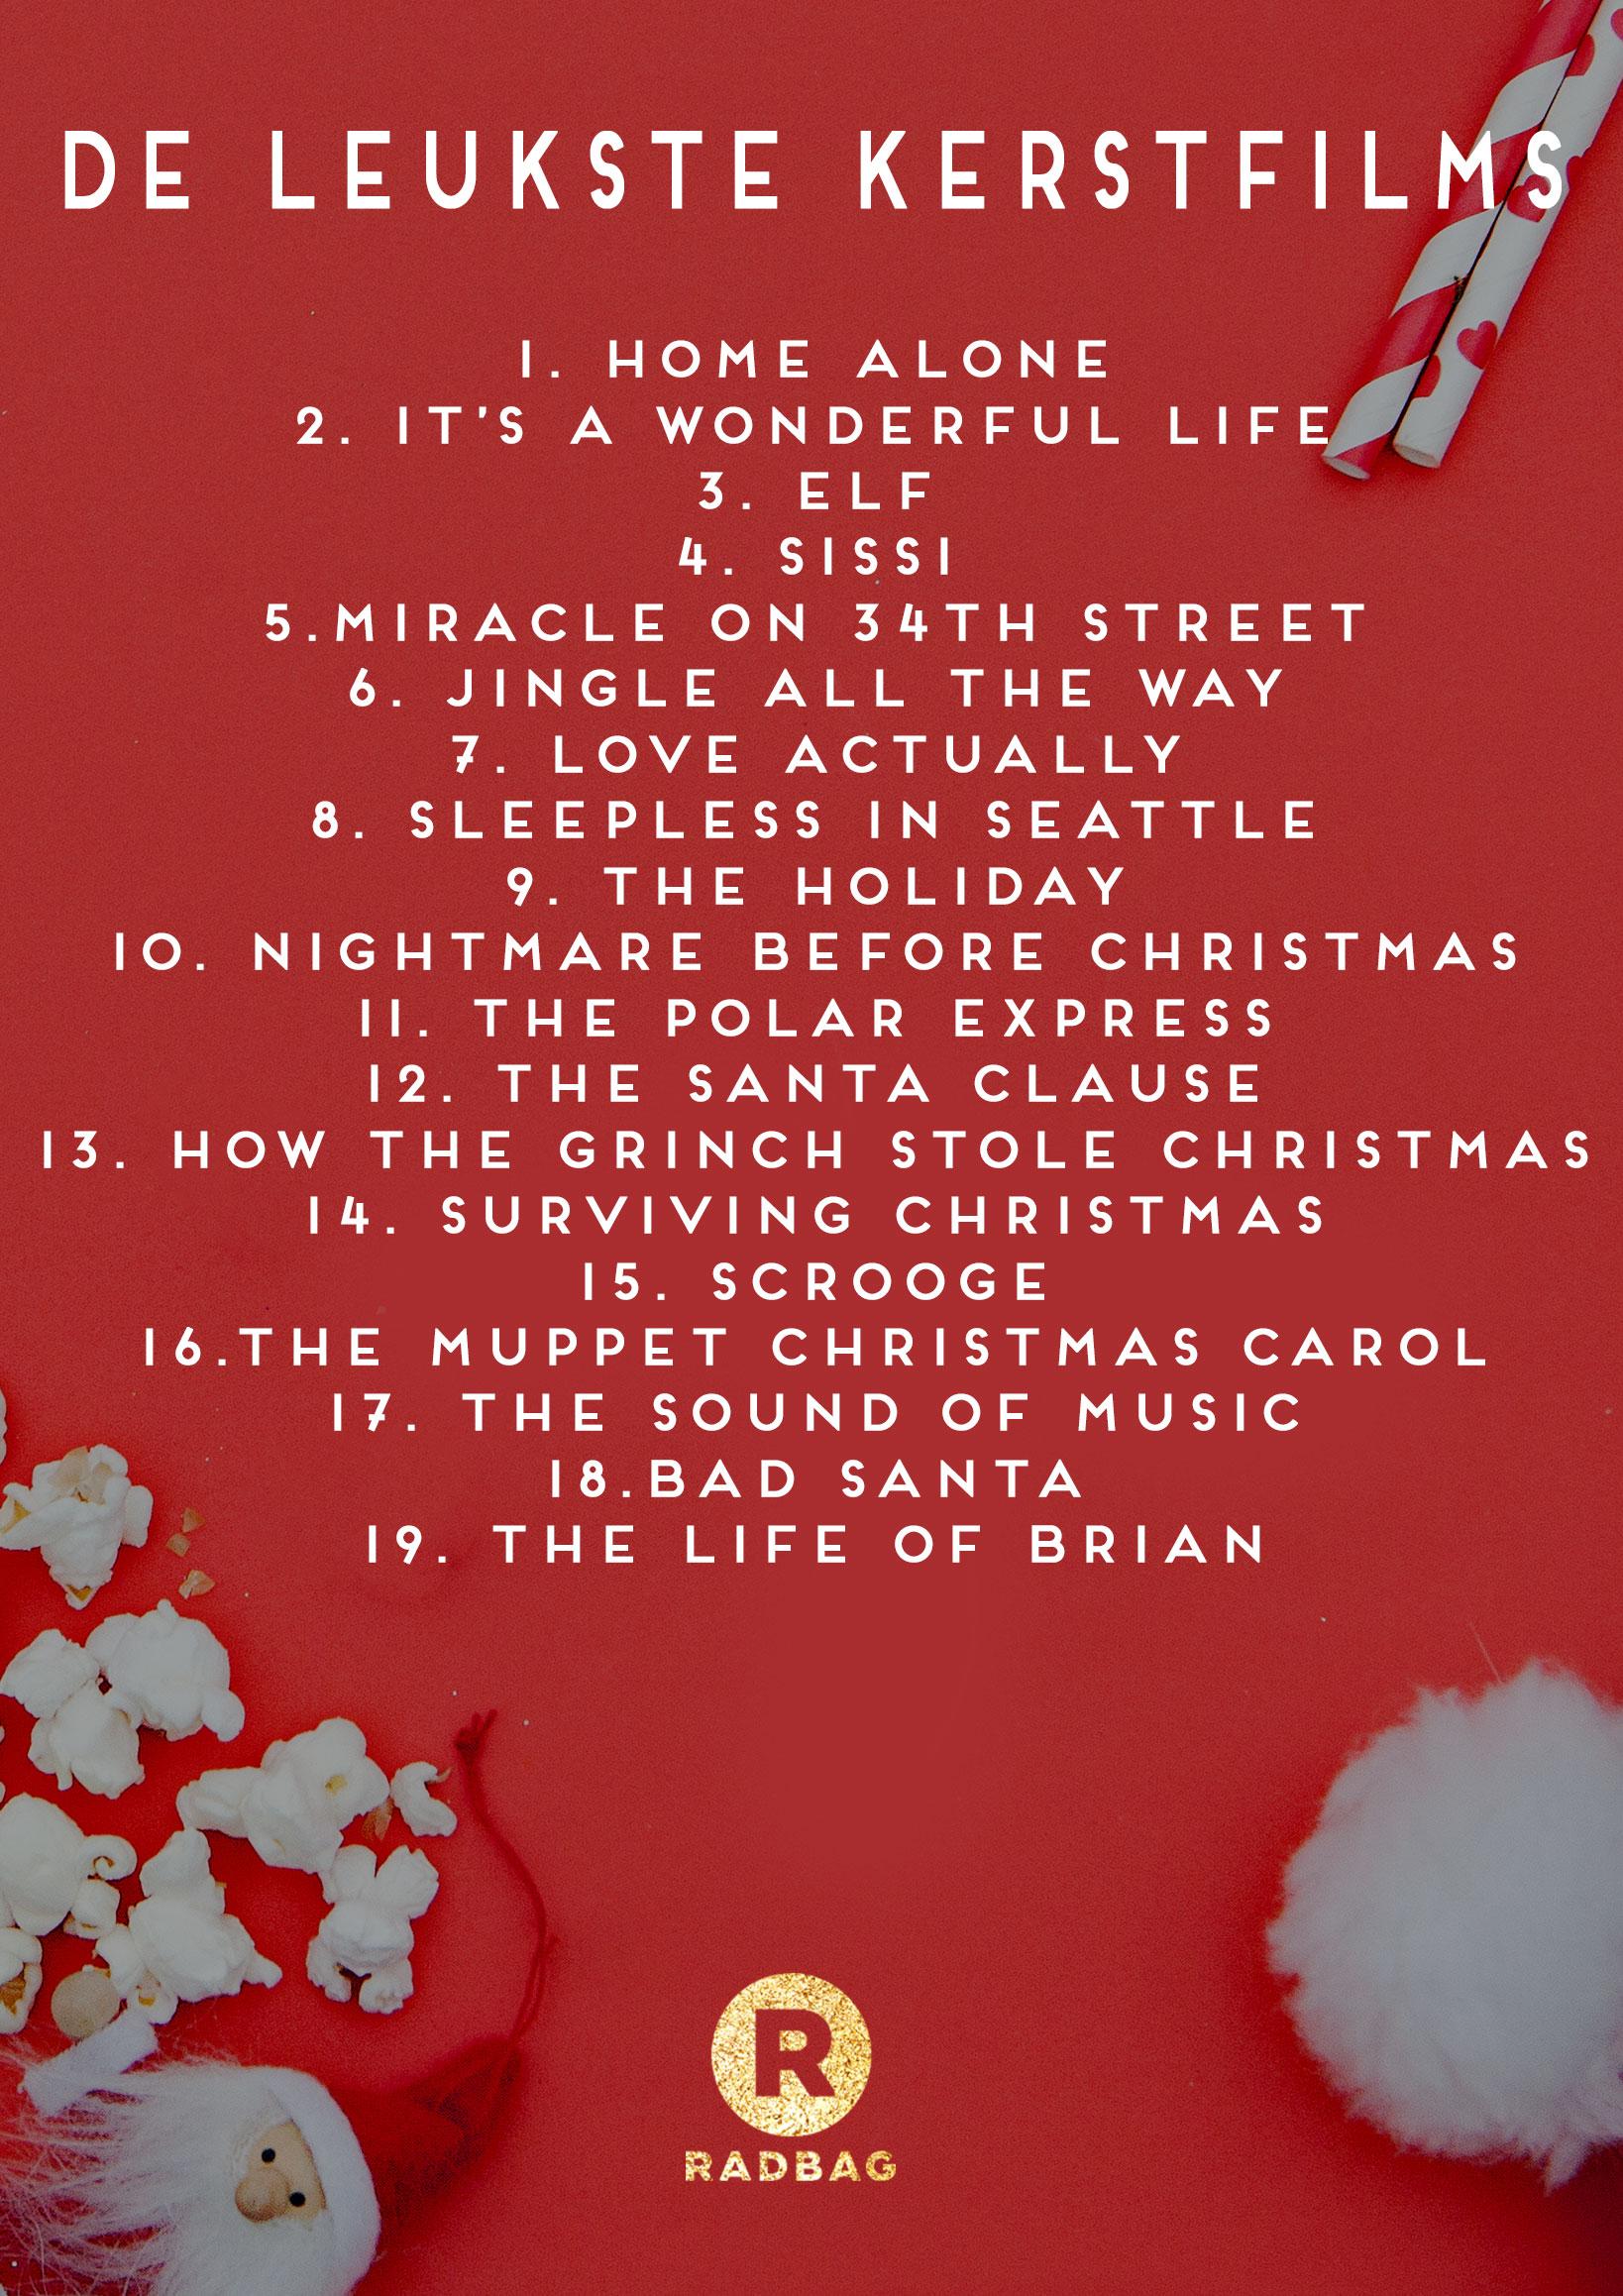 de leukste kerstfilms voor deze kerst